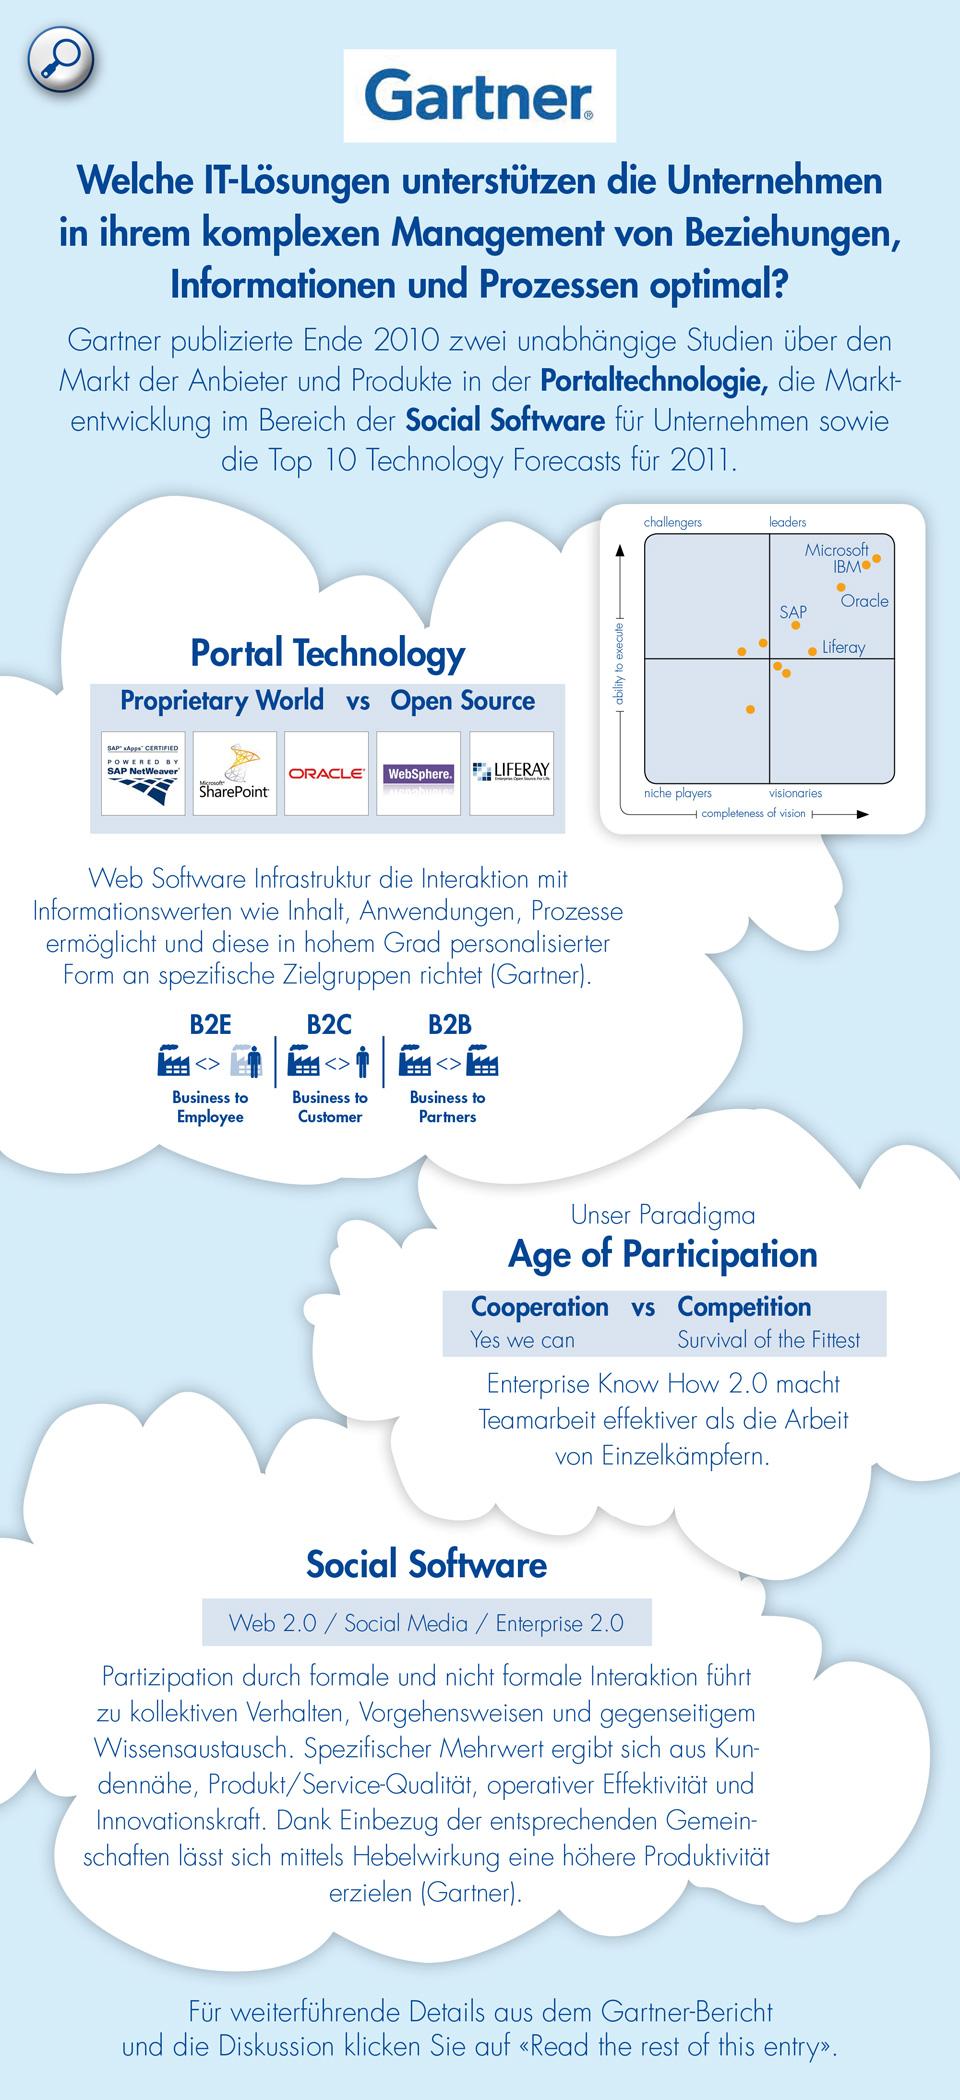 Portal Technologie mit Liferay als einer der Marktführer, Paradigma des Age of Participation, Social Software wie z.B. Social Media, Web 2.0 und Enterprise 2.0